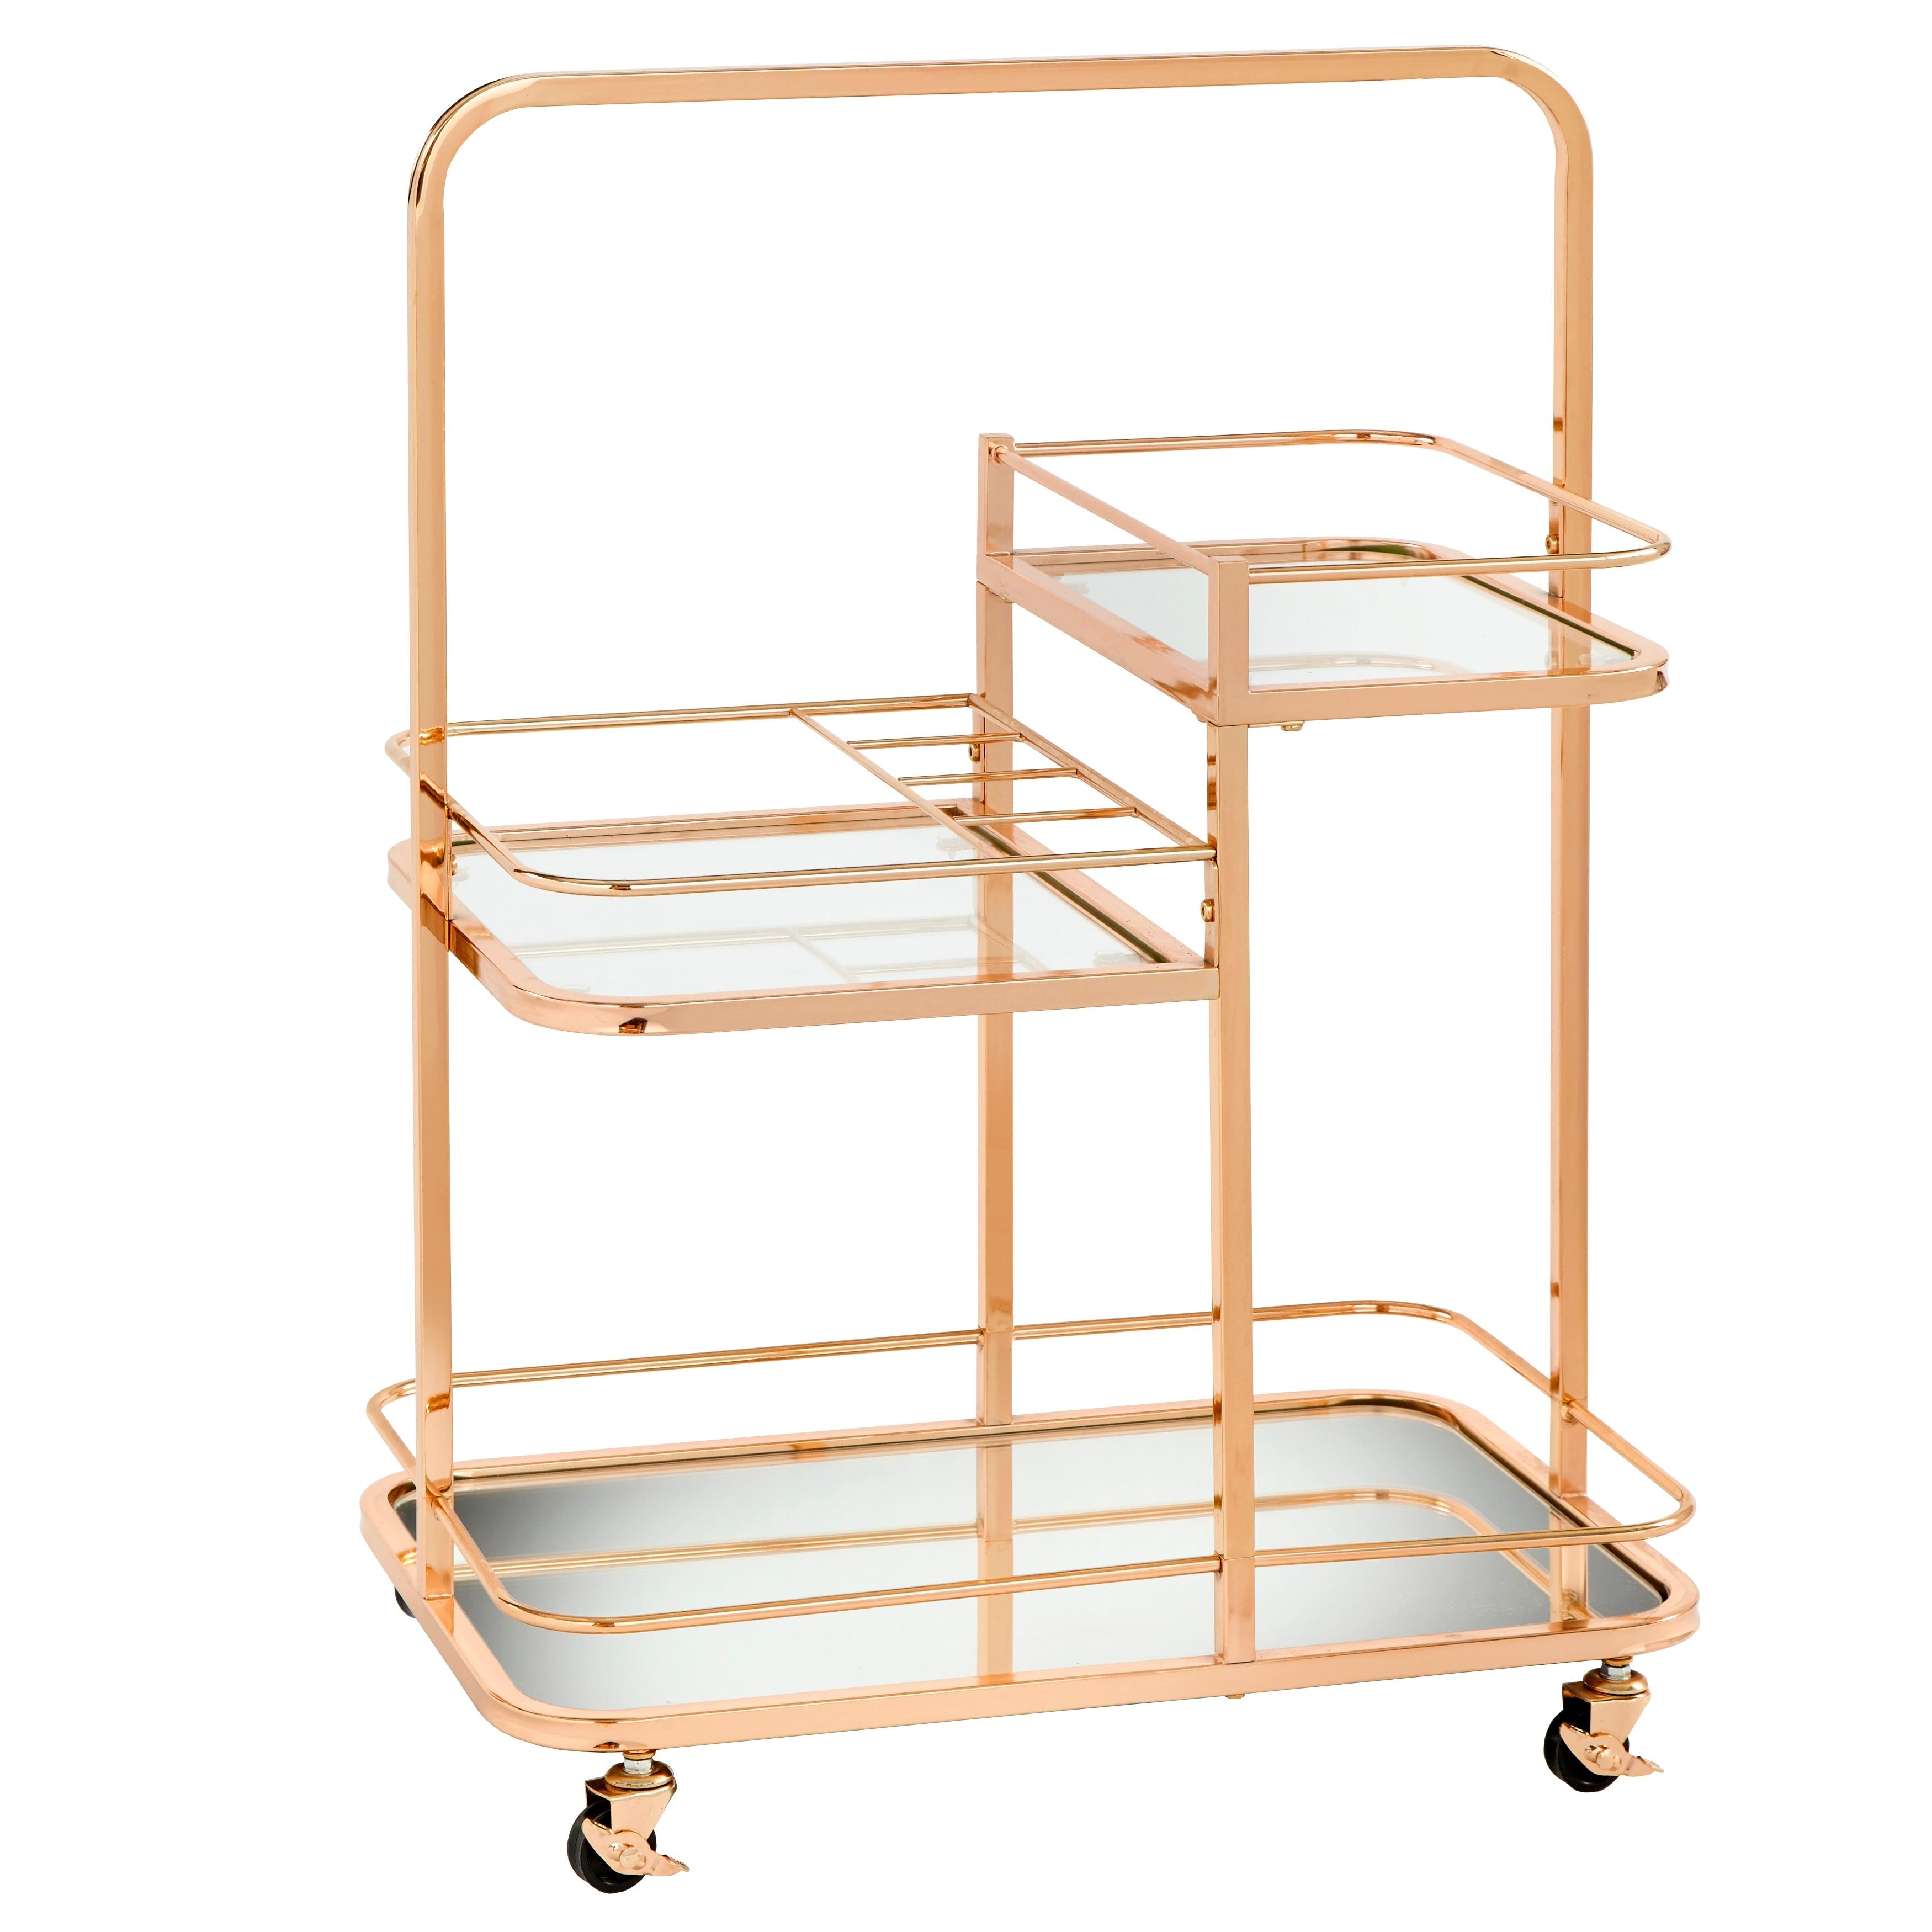 Angelo Home Alcott 3 Tier Gold Metal Bar Cart Overstock 28135201